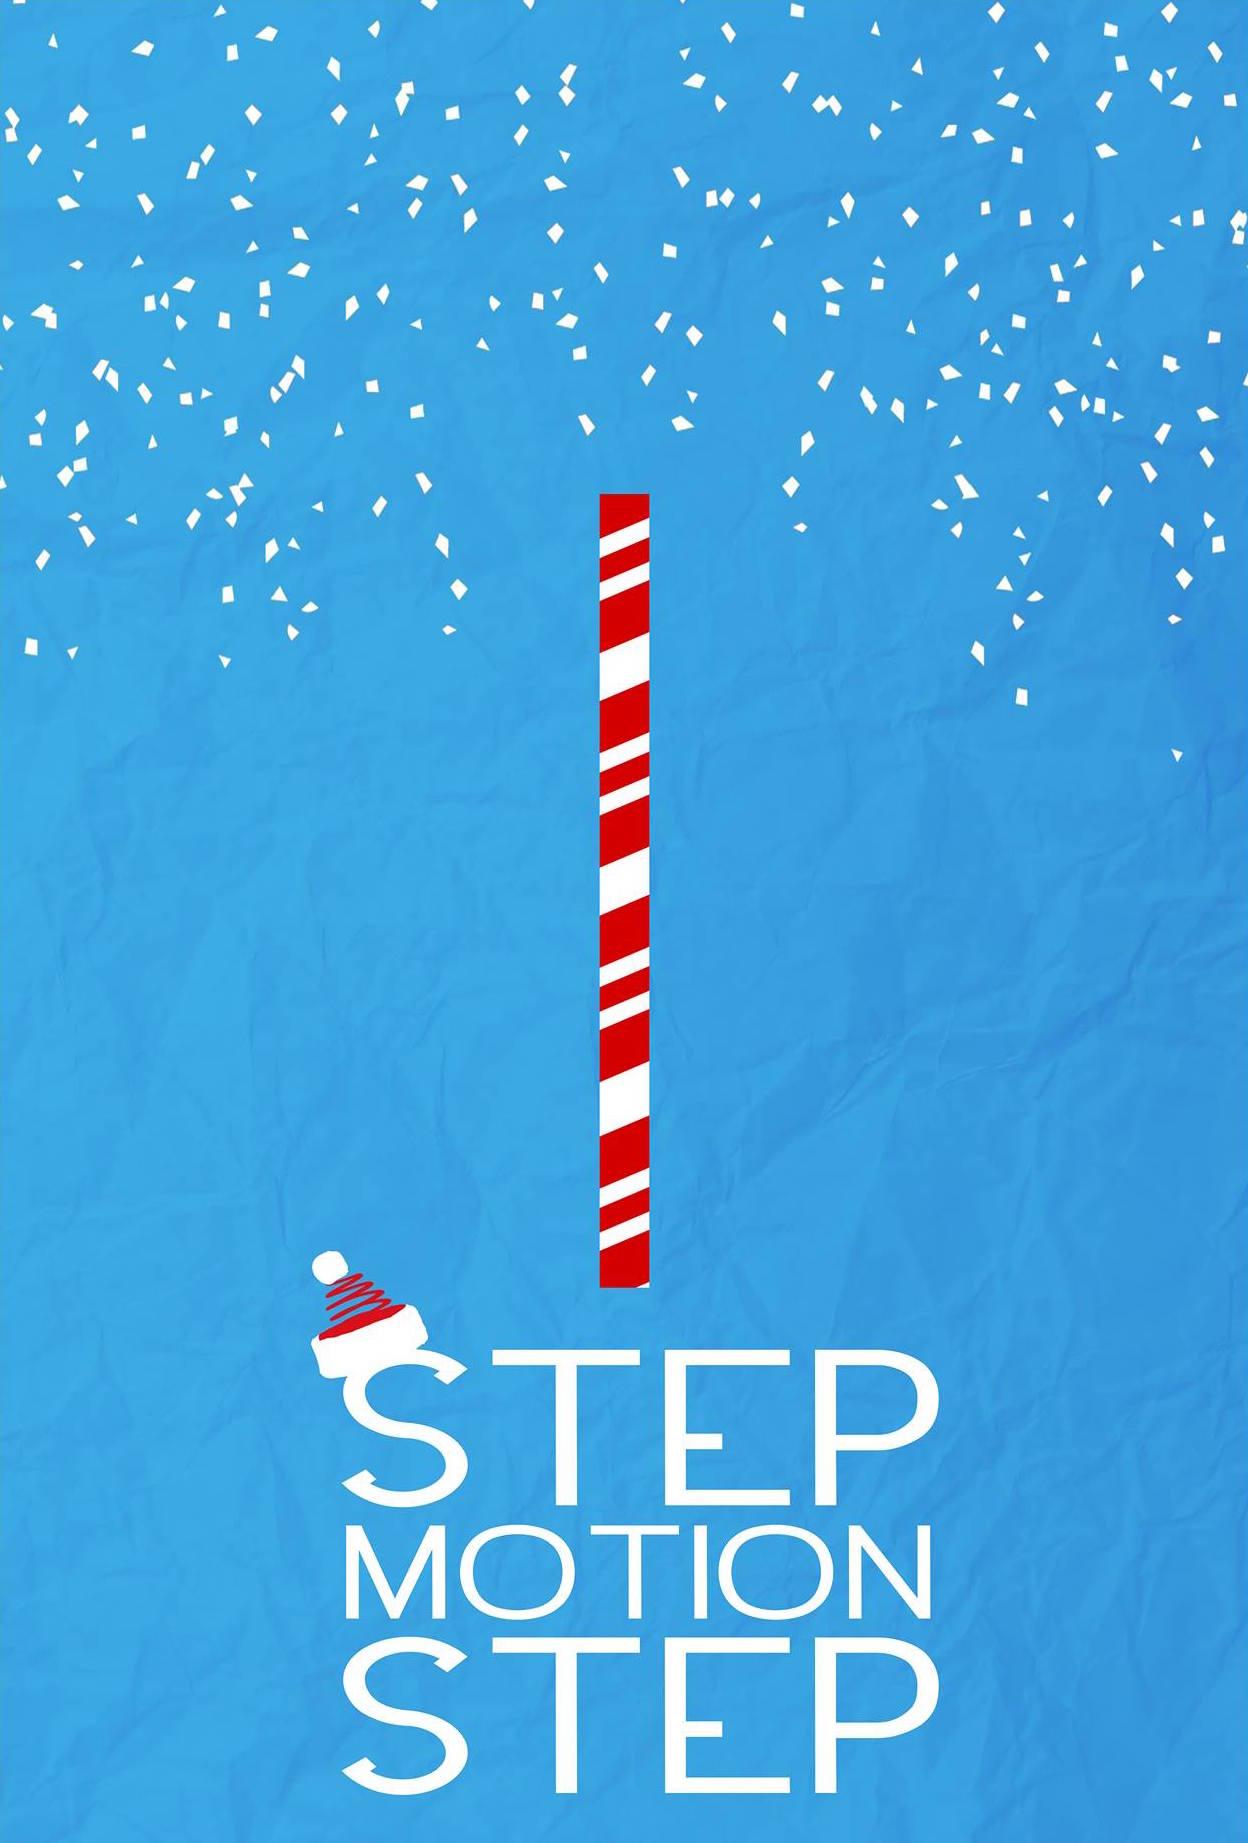 Step Motion Step